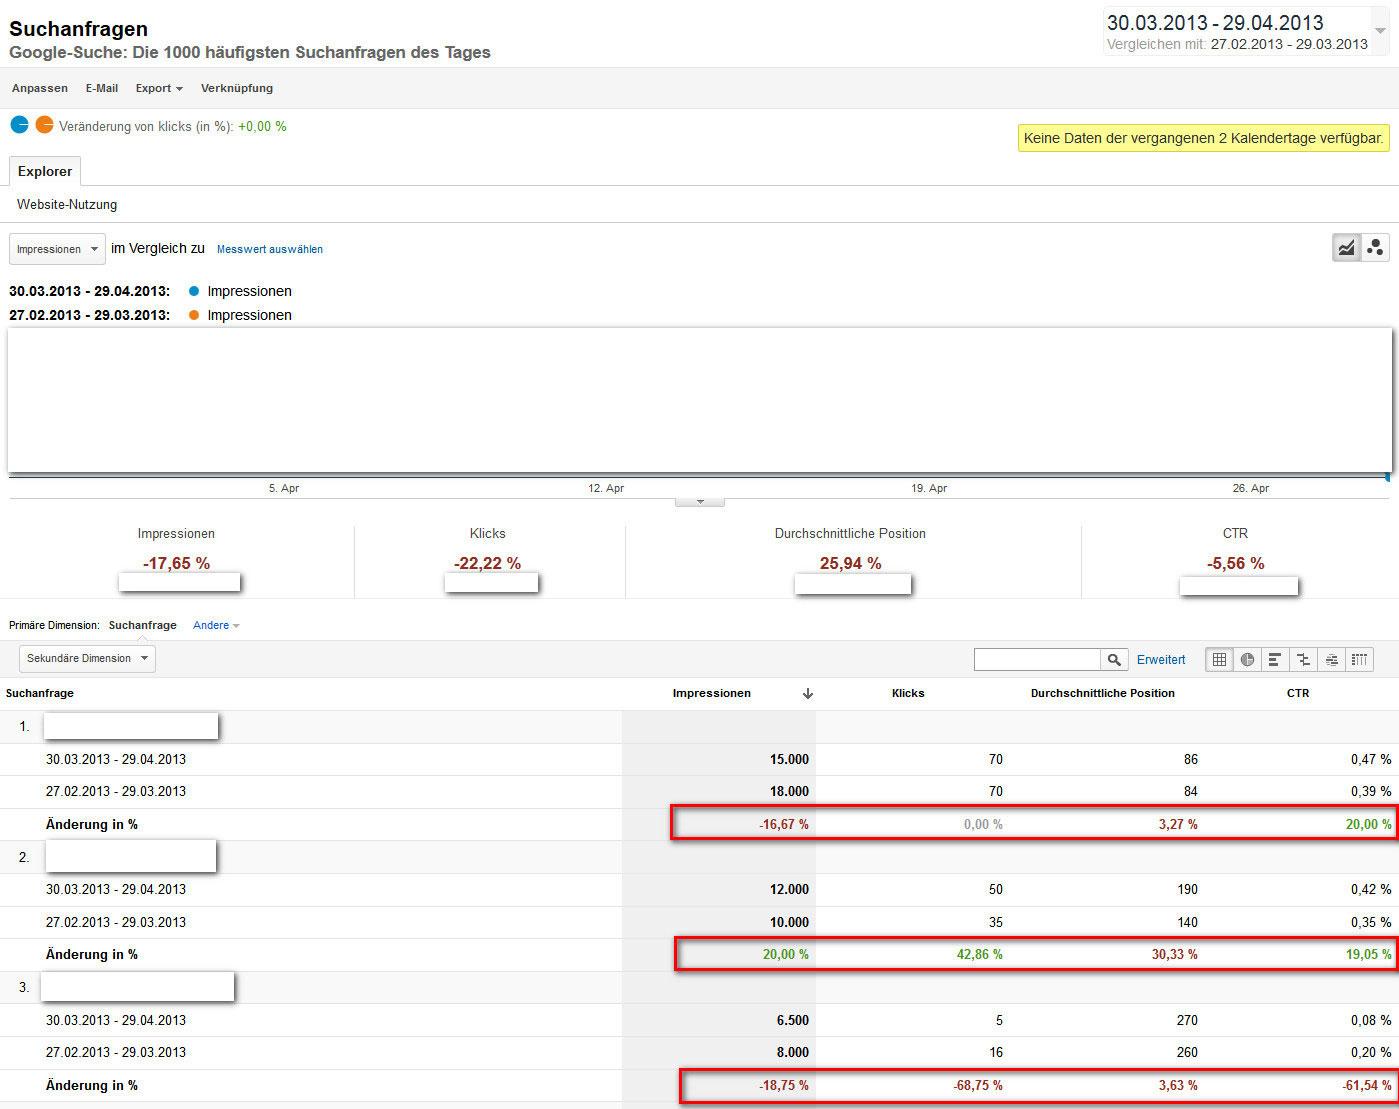 Google Analytics Suchanfragen alt